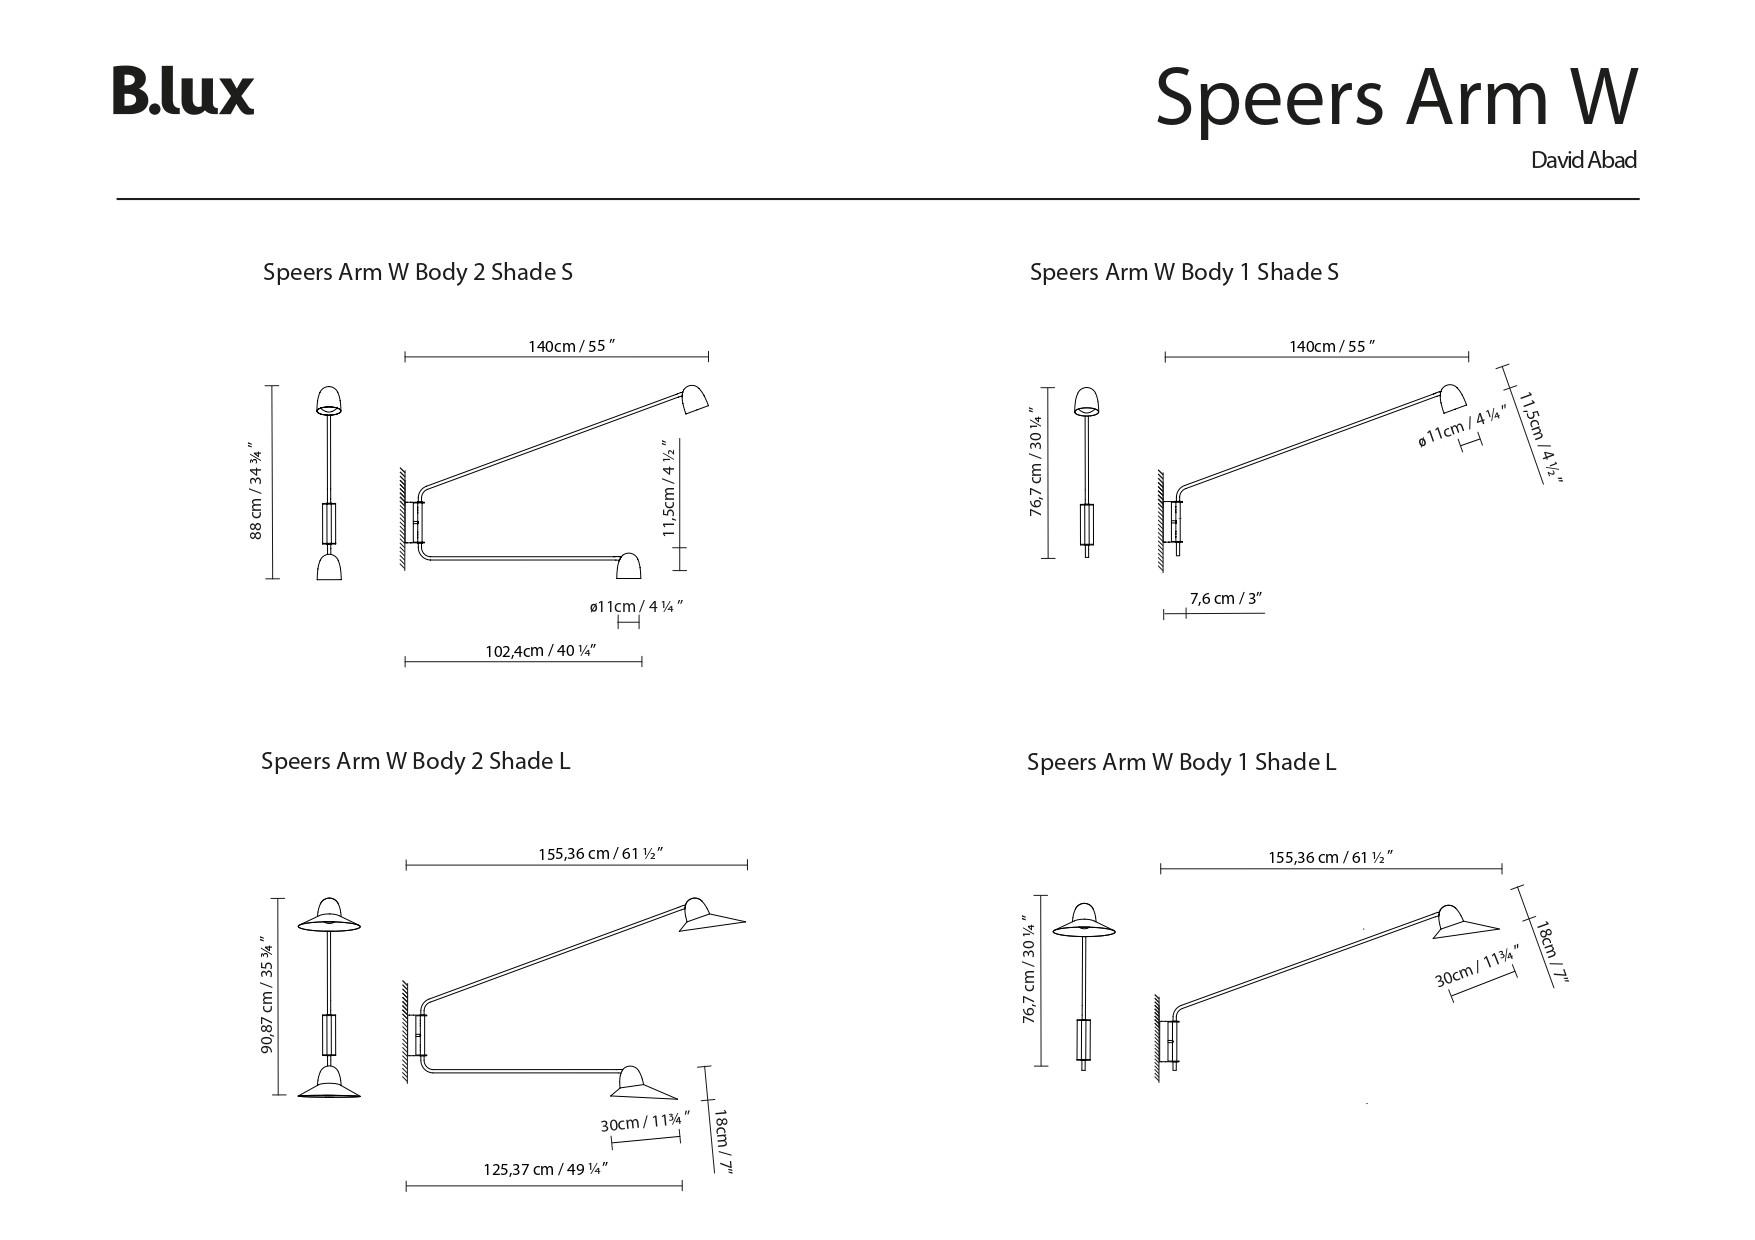 SPEERS ARM